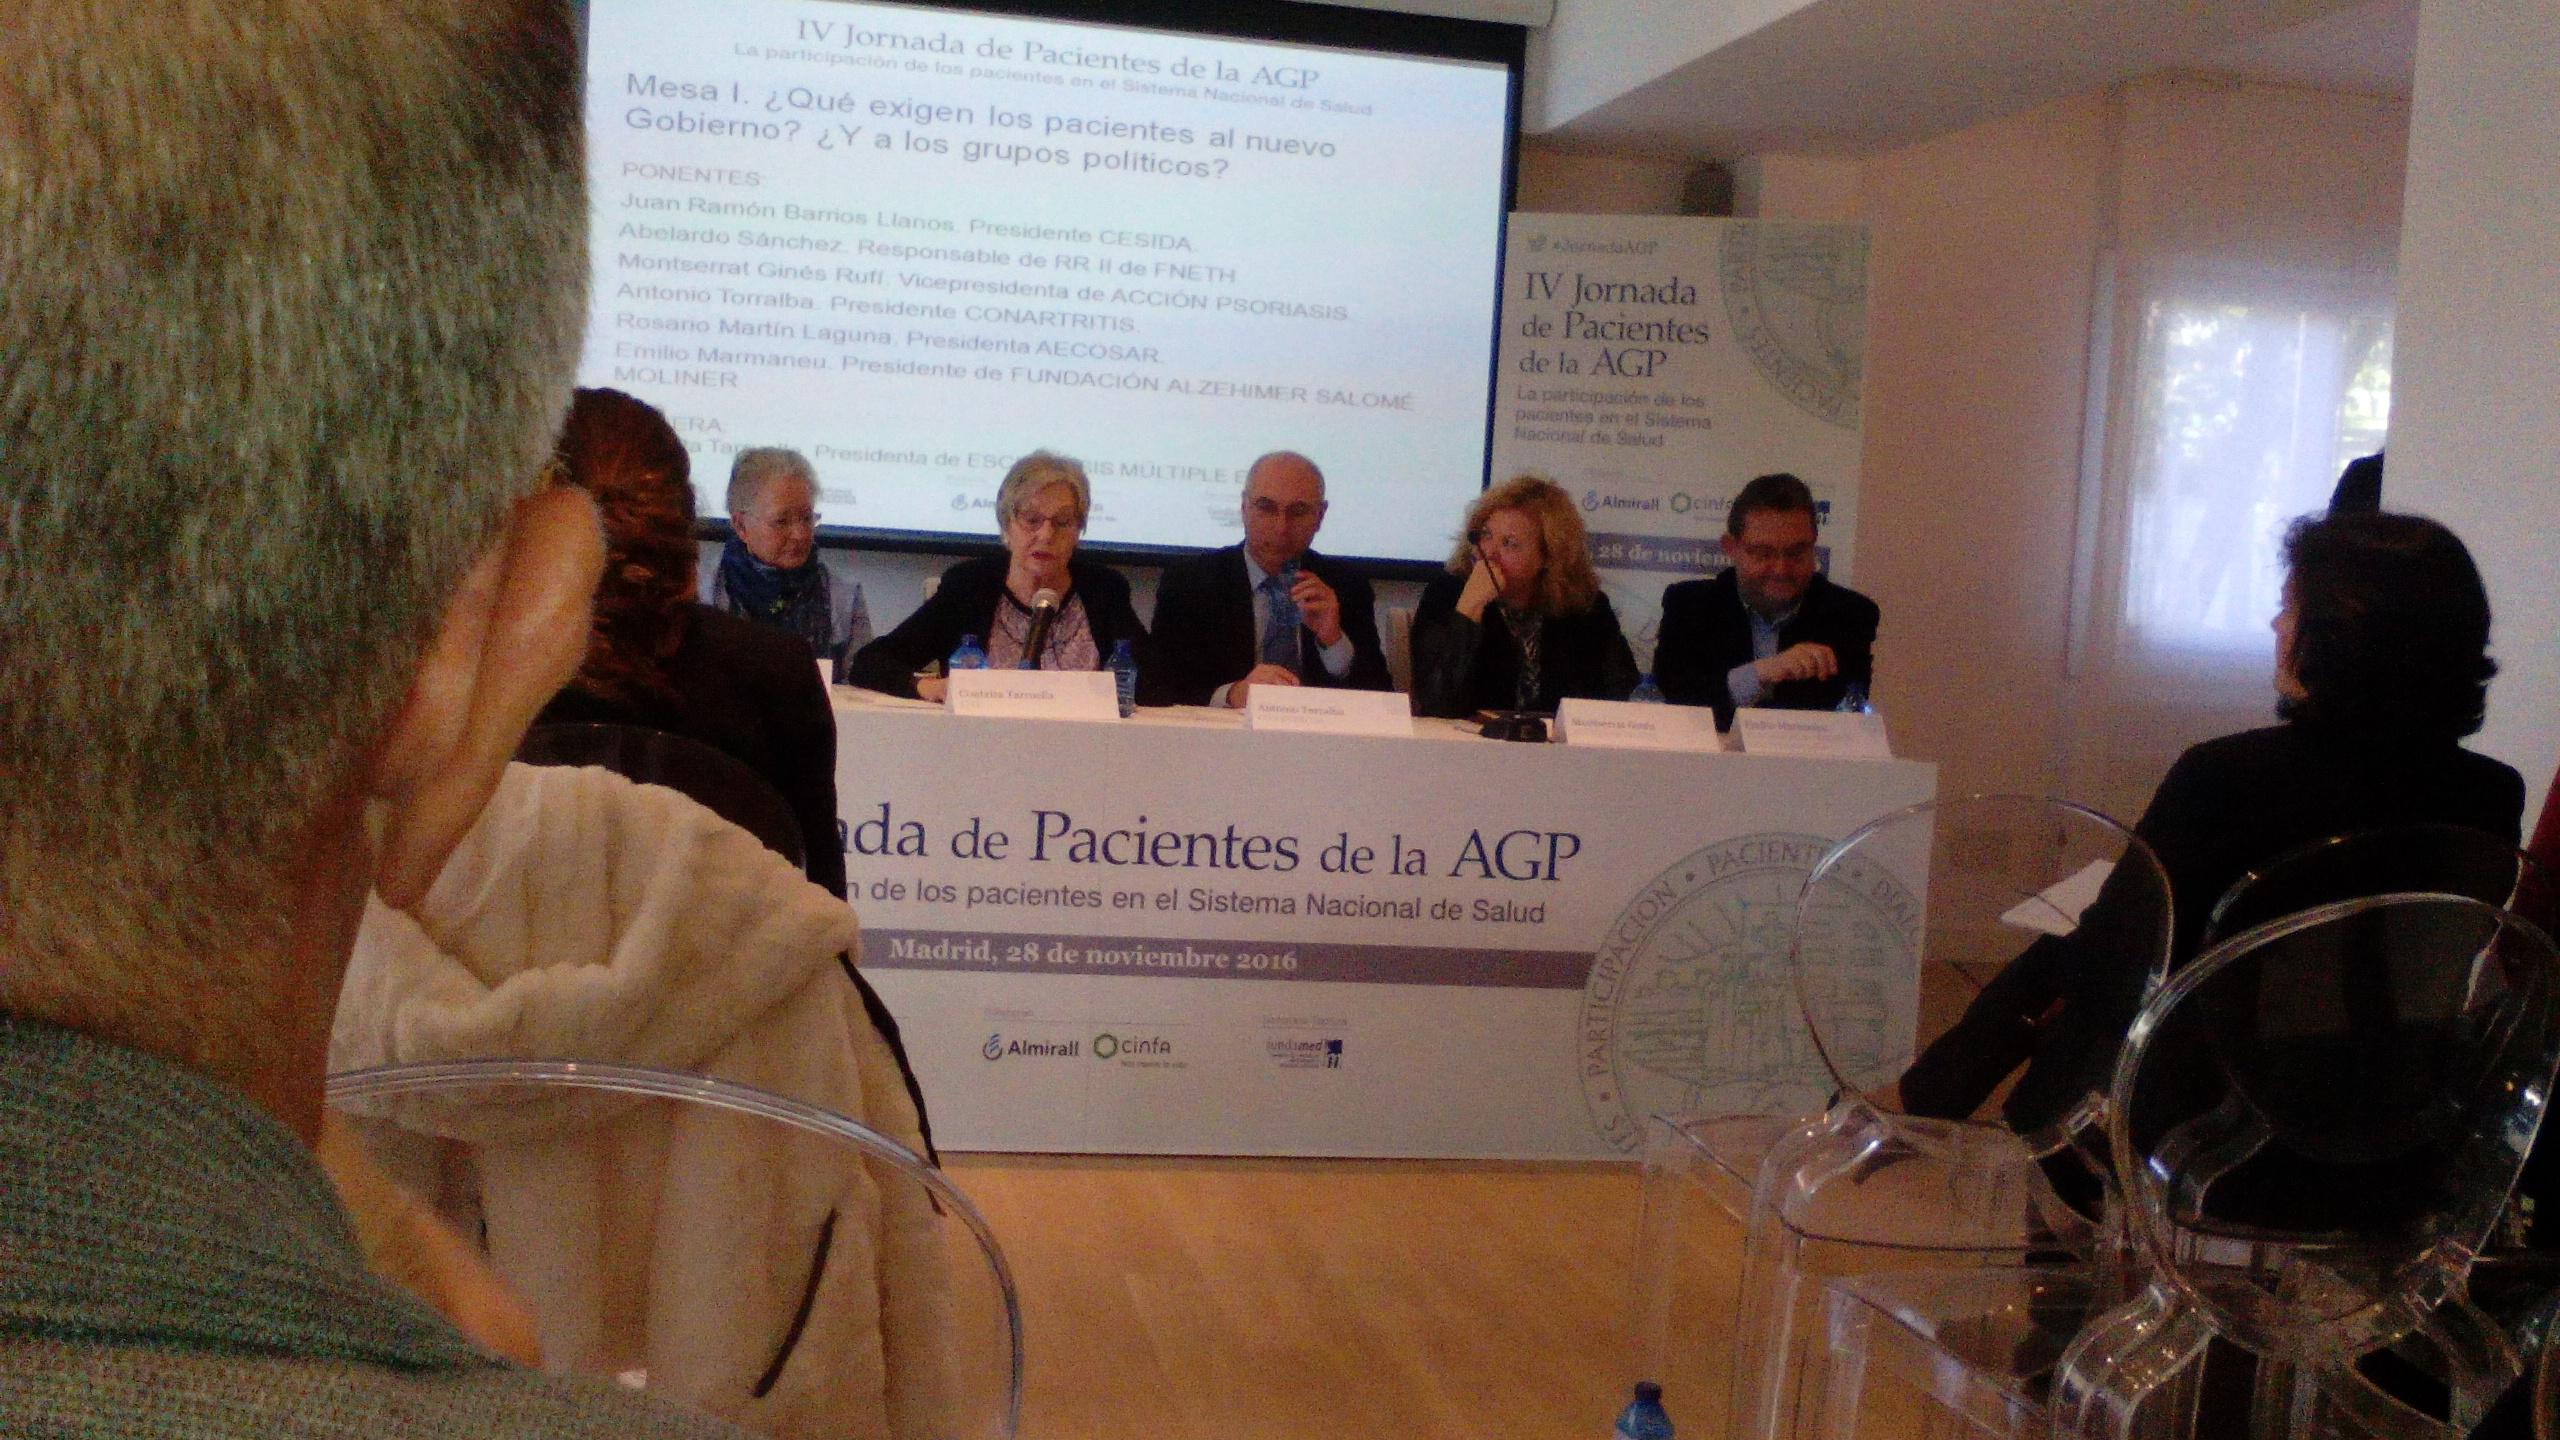 IV Jornada de Pacientes de la AGP